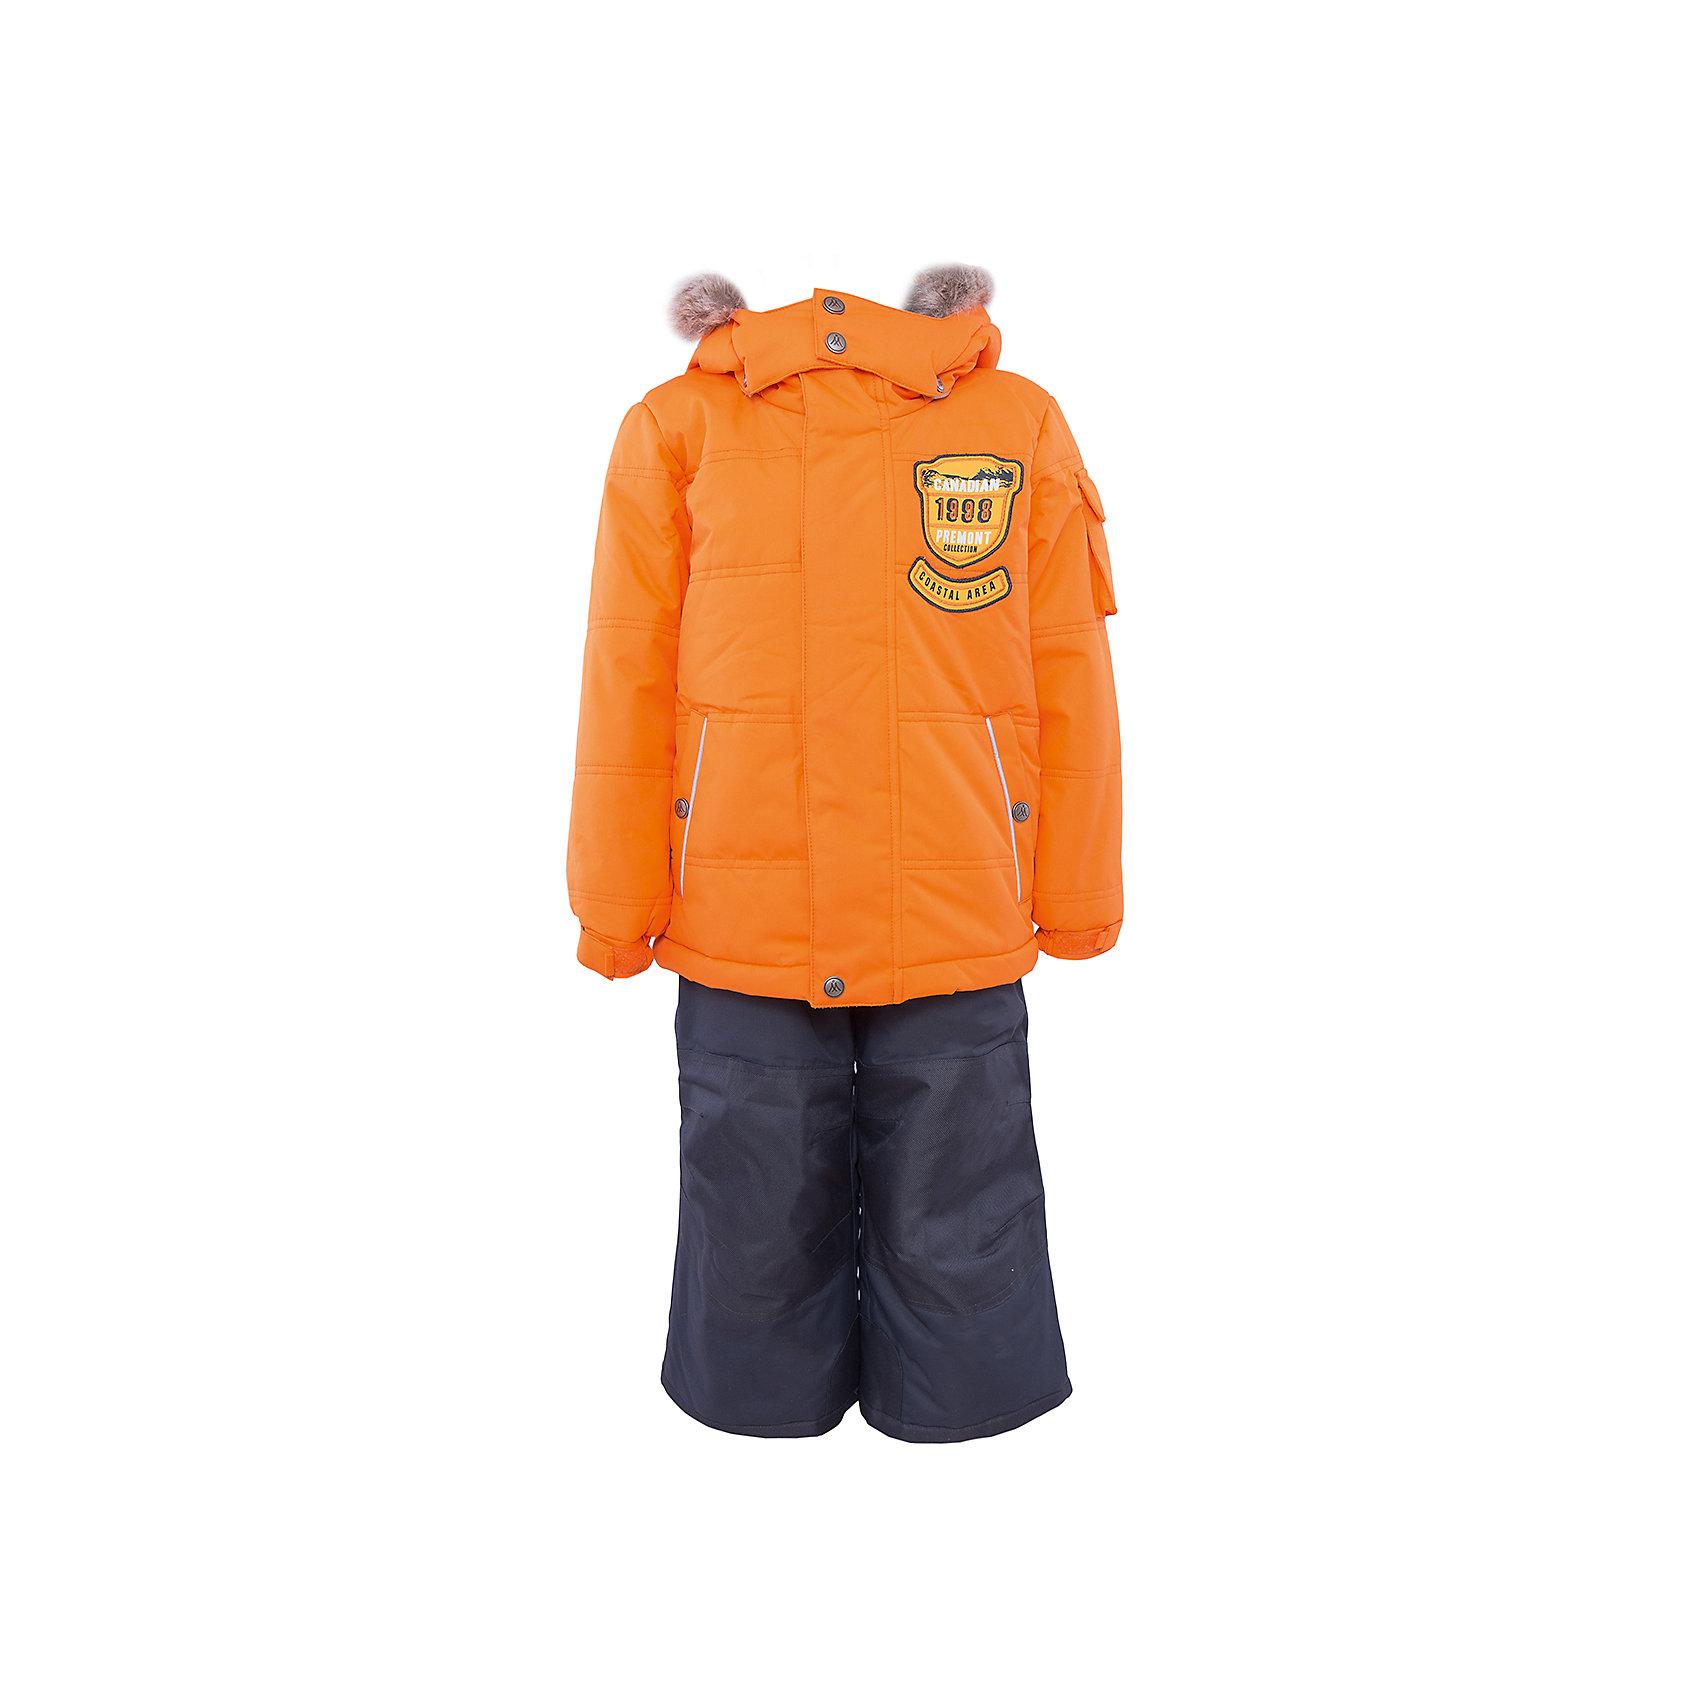 Комплект: куртка и брюки для мальчика PremontКомплект: куртка и брюки для мальчика от известного бренда Premont.<br>Авалон считается мифическим островом, но, тем не менее, он действительно существует и располагается на Юго-Востоке Канады. Глубокий и насыщенный цвет парки, как будто переносит нас к извилистым берегам полуострова, изобилующего заливами и гаванями.<br>Брюки до 6 лет идут с высокой грудкой, после 6 лет - с отстегивающейся спинкой.<br>Состав:<br>Ткань верха: мембрана 5000мм/5000г/м2/24h, Taslan <br>Подклад: Polarfleece (тело, капюшон, манжеты), Taffeta (брюки, рукава, снежная юбка) Утеплитель: Tech-polyfill (куртка 280г, брюки 180г)<br><br>Ширина мм: 356<br>Глубина мм: 10<br>Высота мм: 245<br>Вес г: 519<br>Цвет: оранжевый<br>Возраст от месяцев: 156<br>Возраст до месяцев: 168<br>Пол: Мужской<br>Возраст: Детский<br>Размер: 92,100,104,110,116,120,122,128,140,152,164,98<br>SKU: 4996843